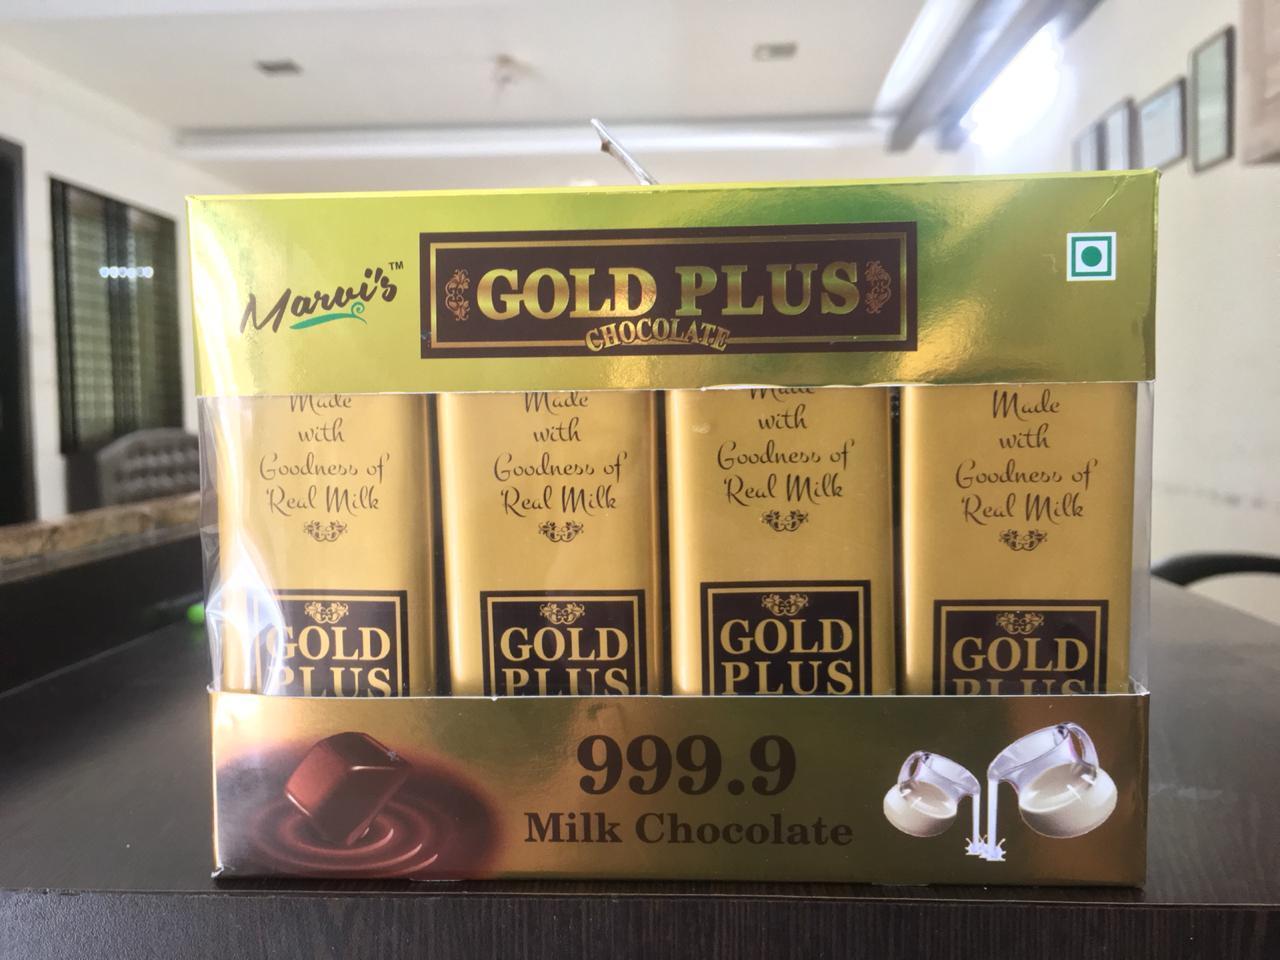 Gold plus